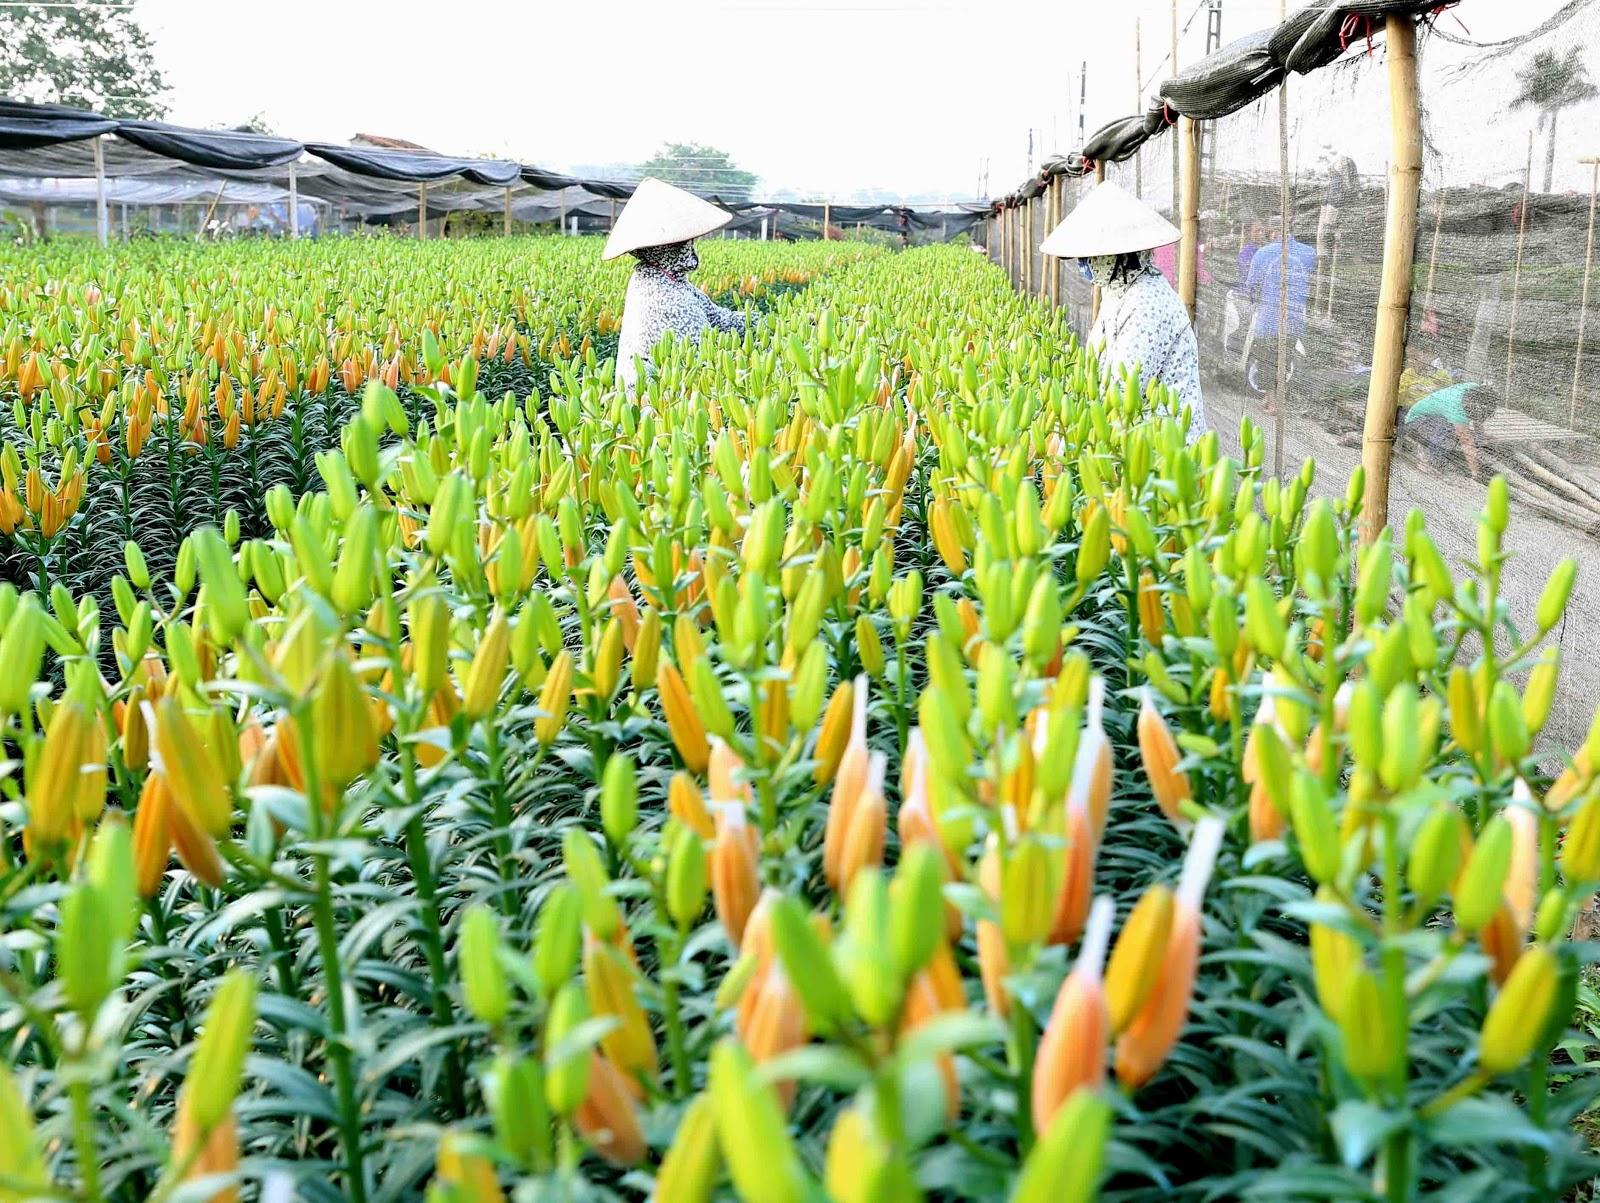 Mùa xuân gõ cửa trong sự nhộn nhịp của các làng hoa Tết ven Hà Nội